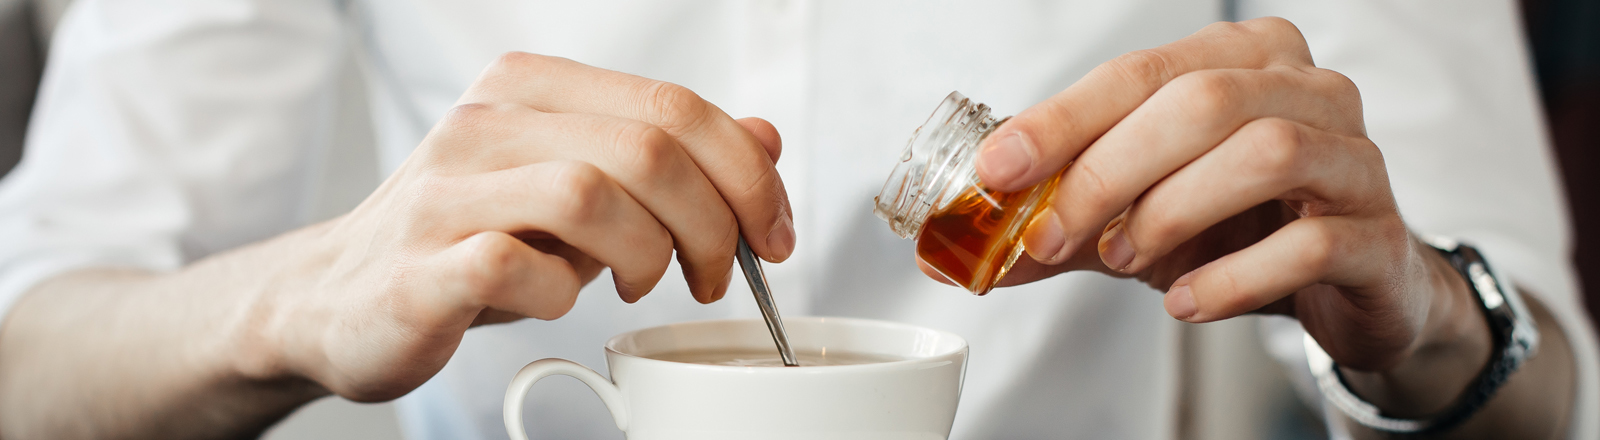 Mann schüttet sich Honig in den Tee